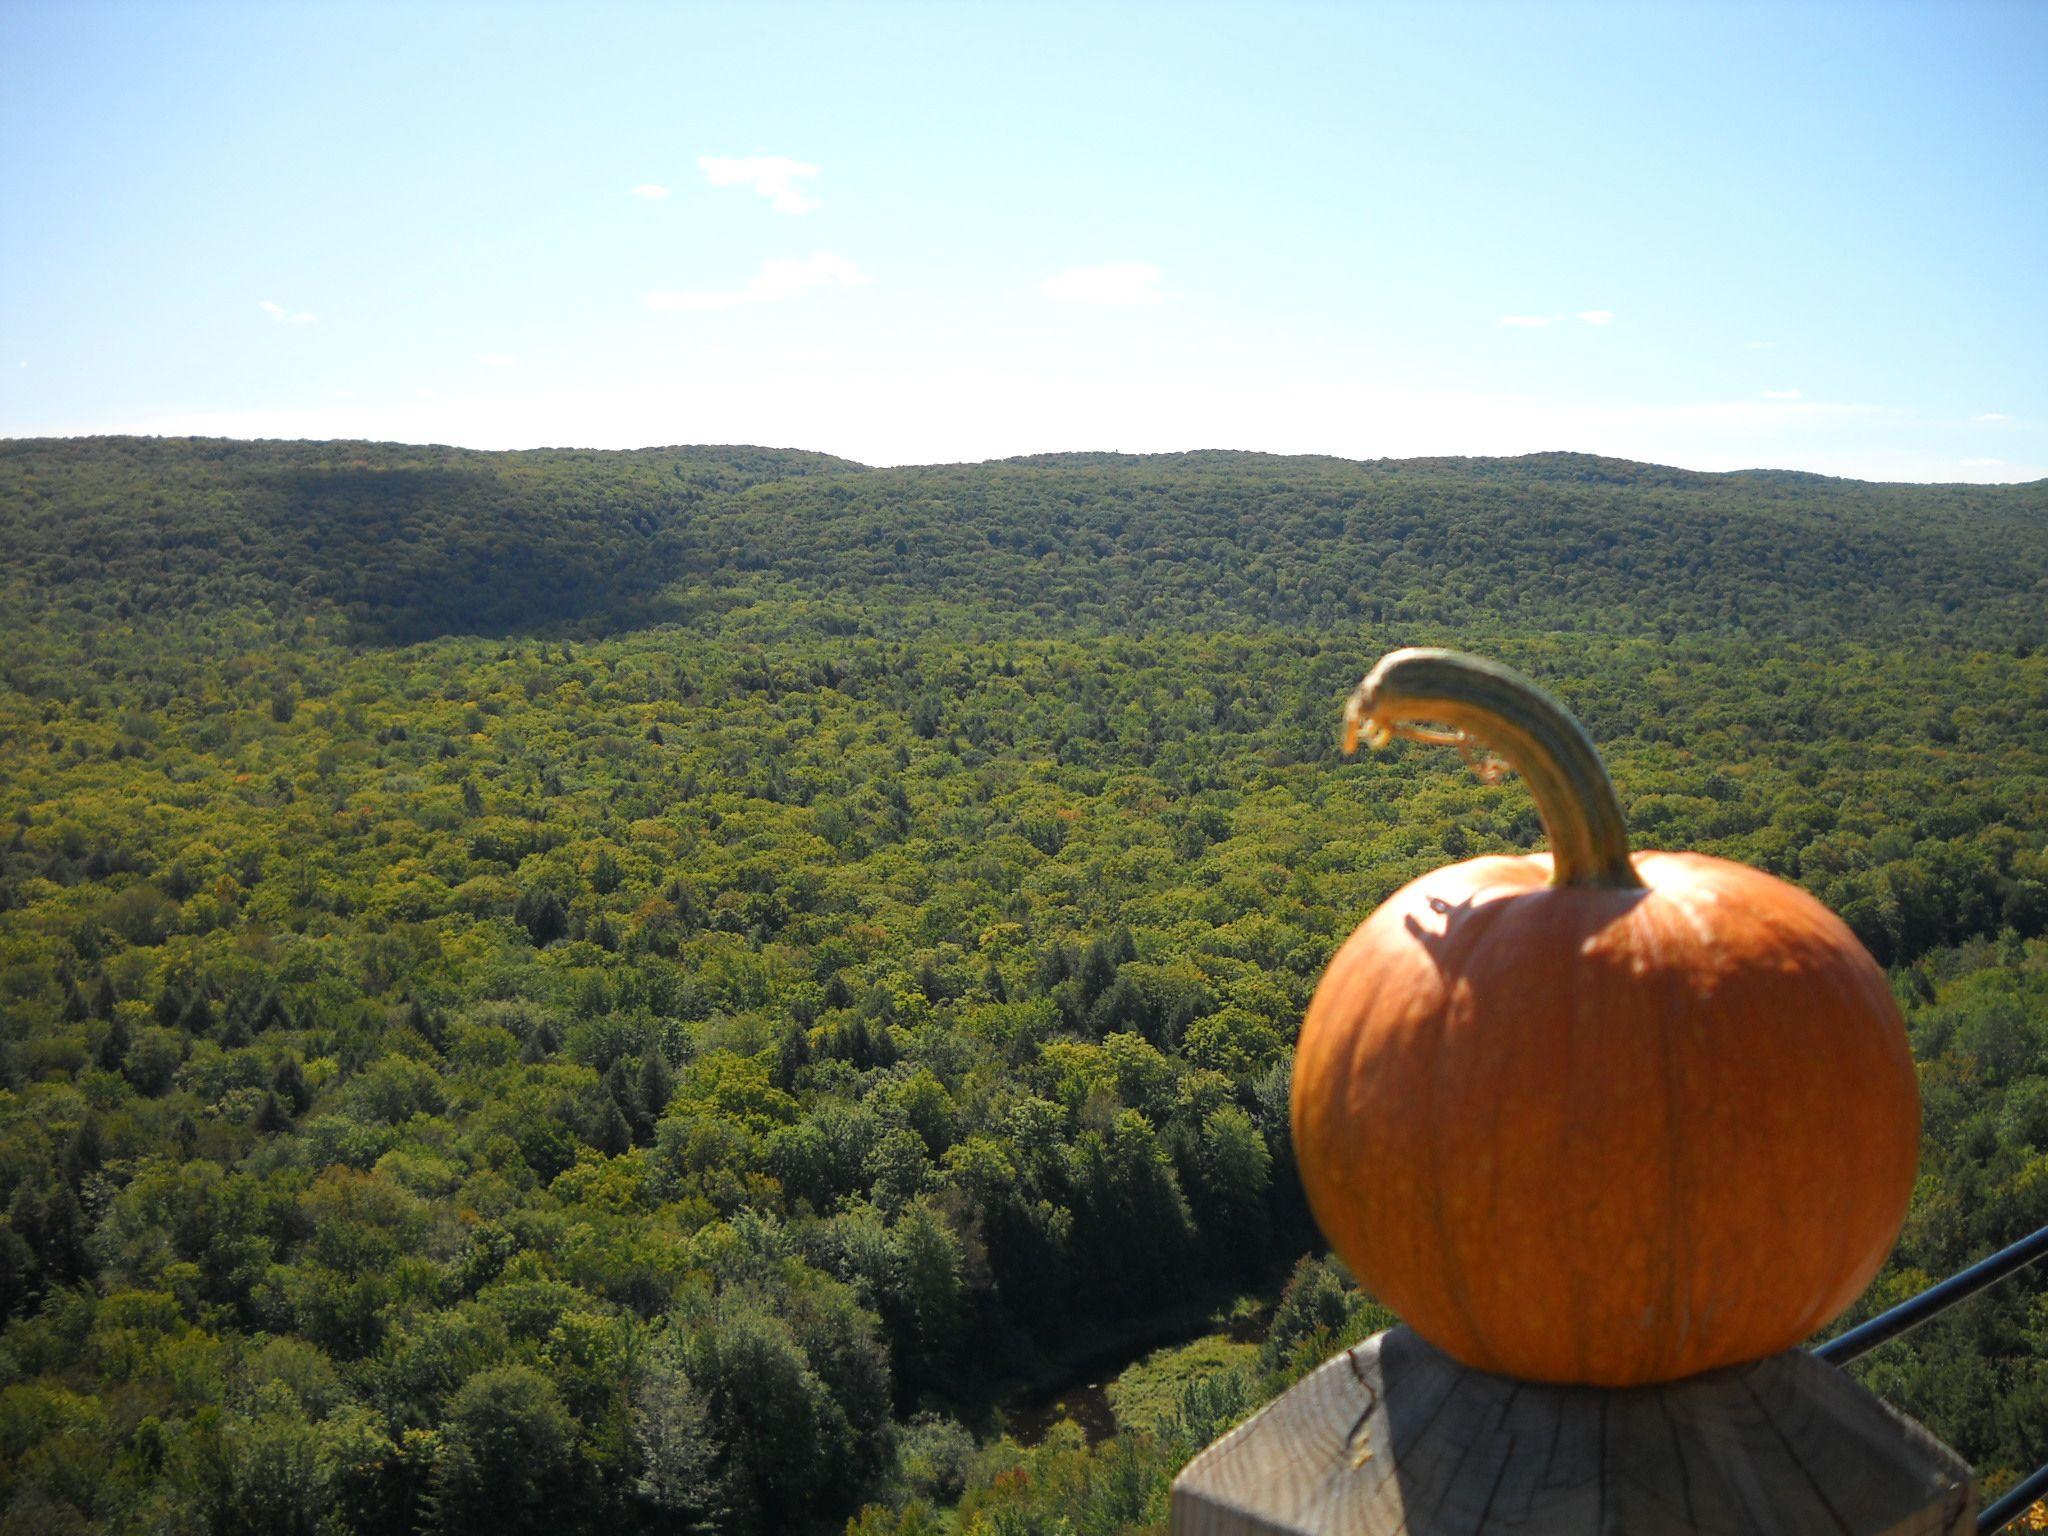 Pumpkin Patch Dexter Michigan